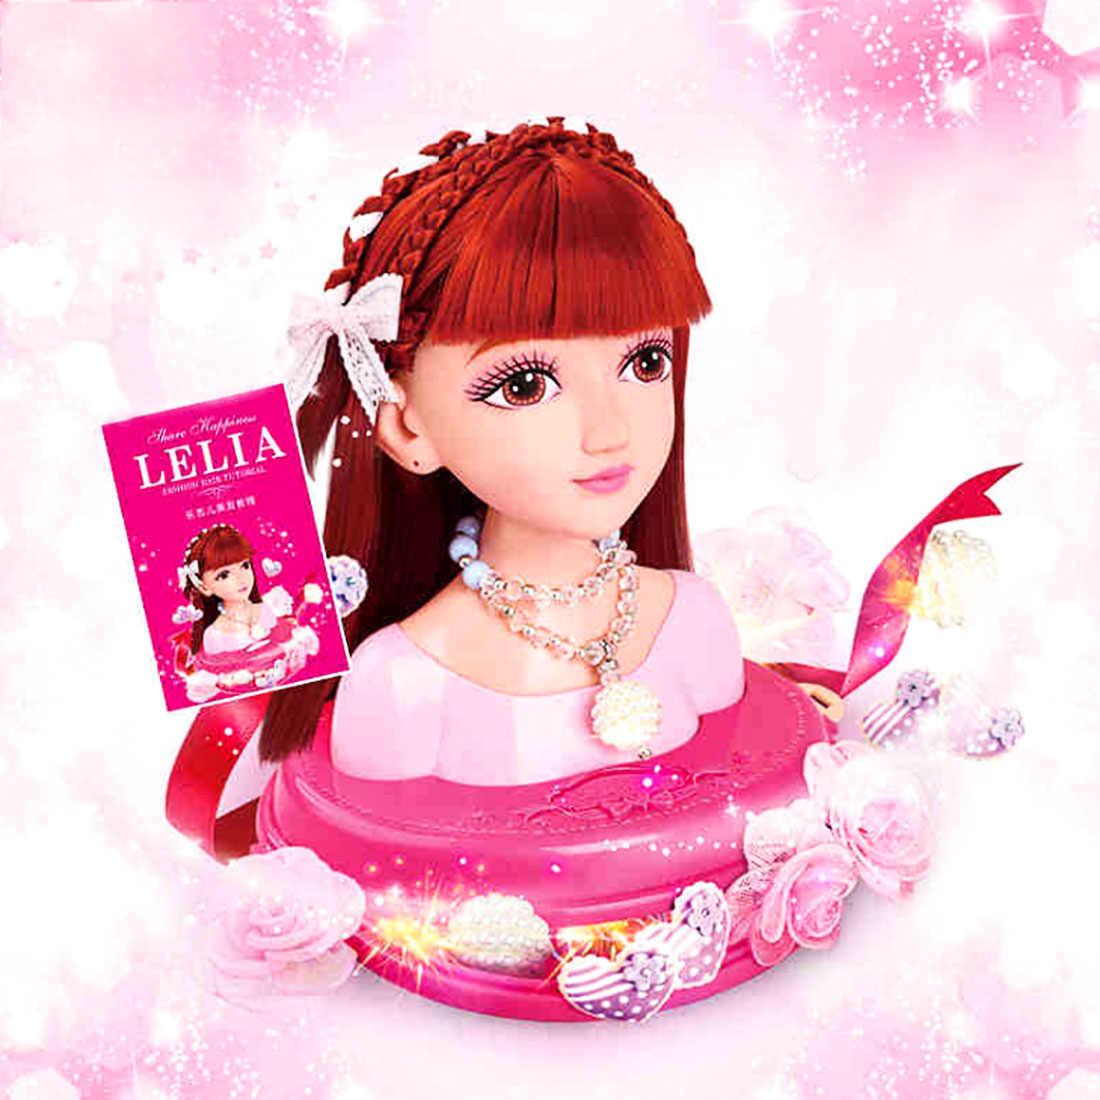 Укладка волос детский Макияж игрушка Кукла Реалистичная Парикмахерская Укладка волос игровой набор плетение практика ролевые игры игрушки для девочек-красный